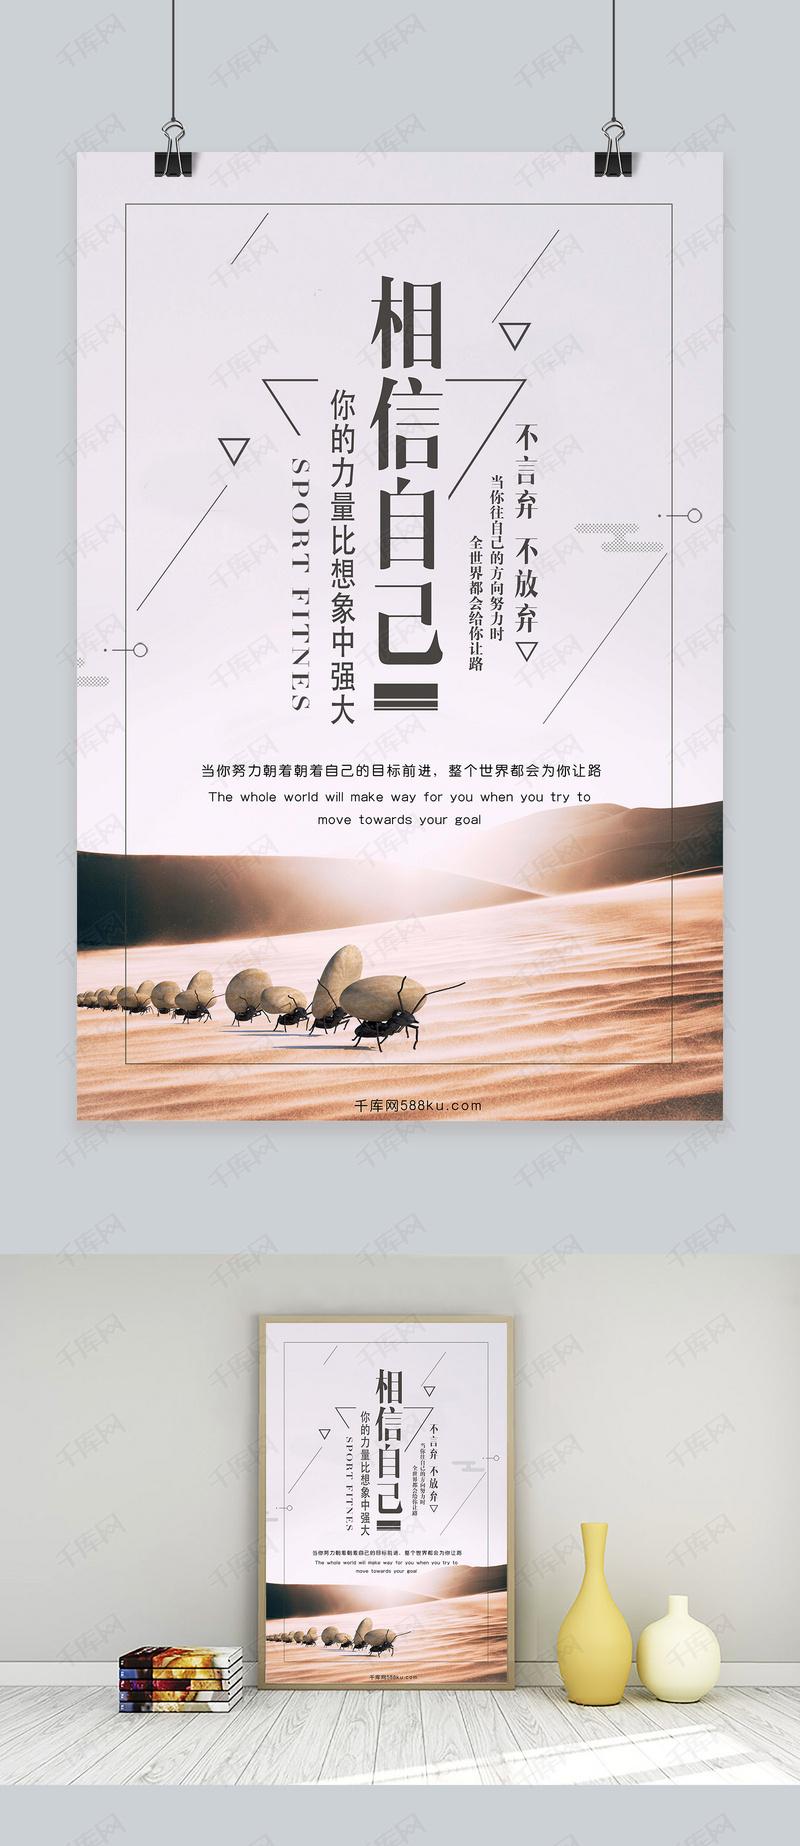 千库网原创励志企业文化海报